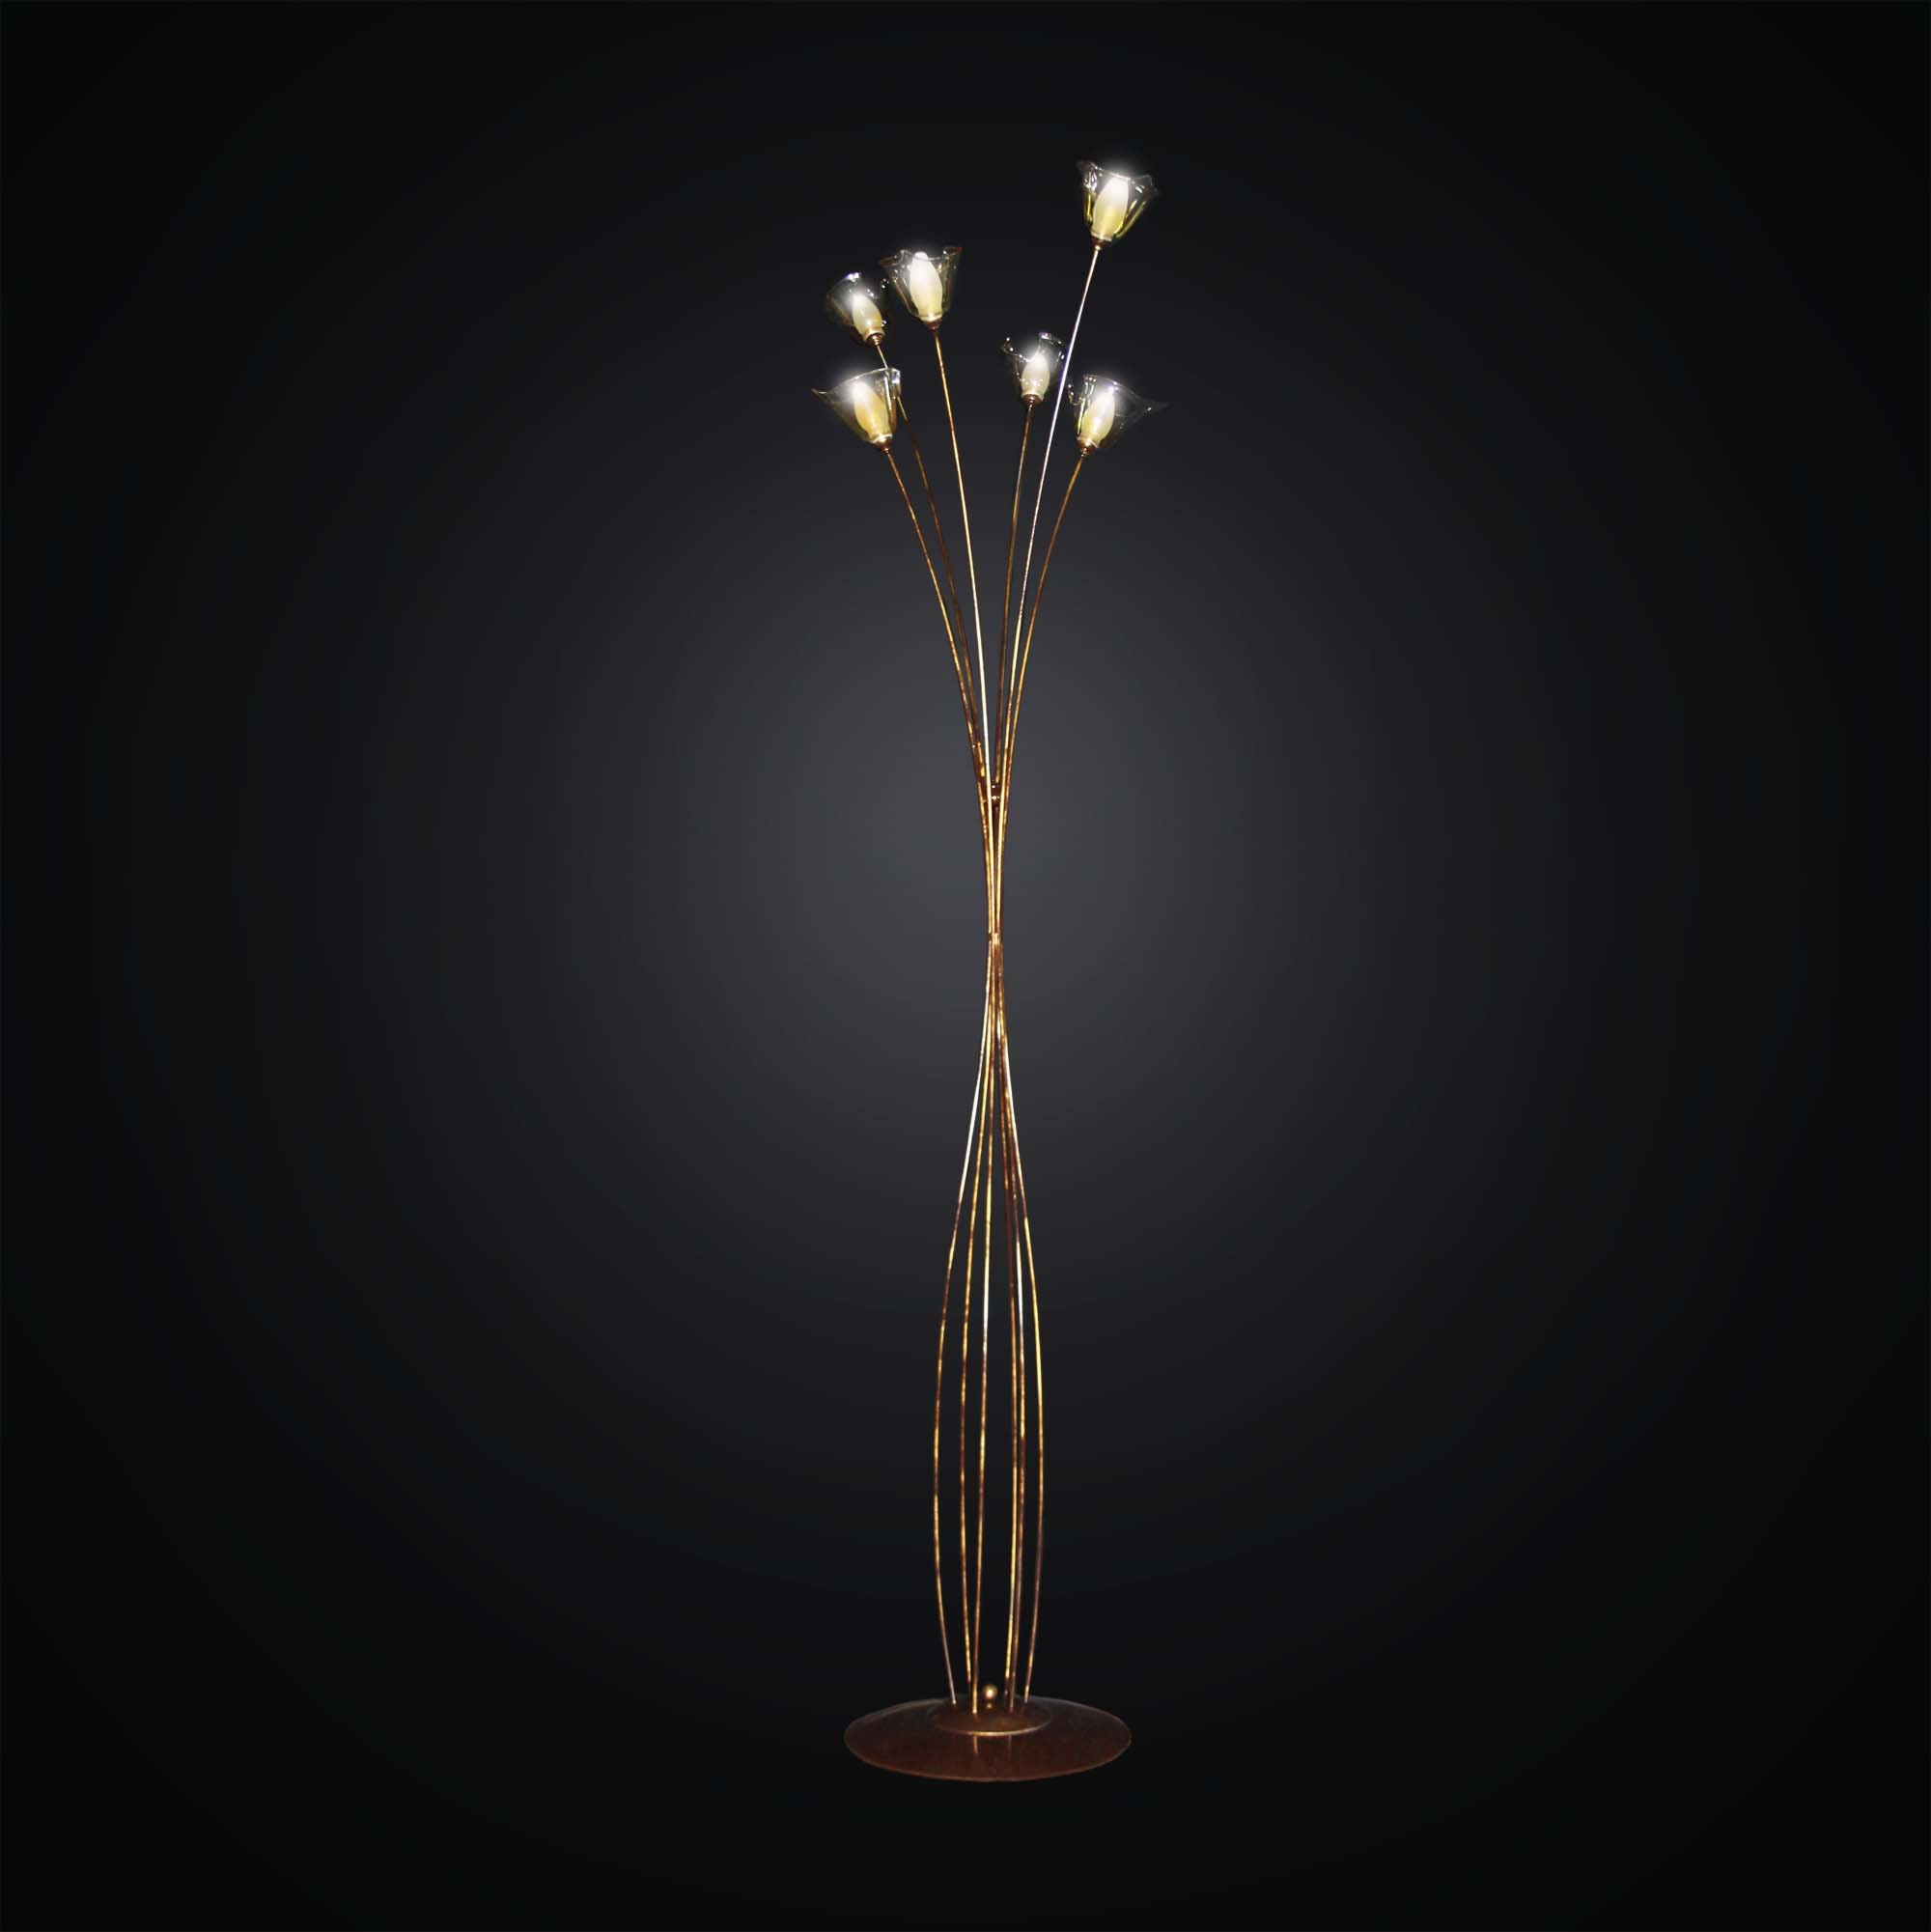 Lampade da terra a piantana Classiche - Mondoluce